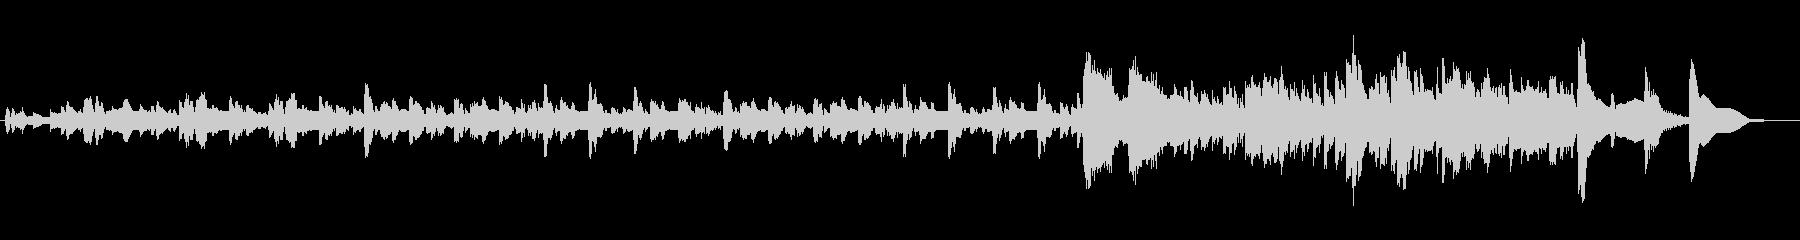 ハープの緊迫した激しい曲の未再生の波形